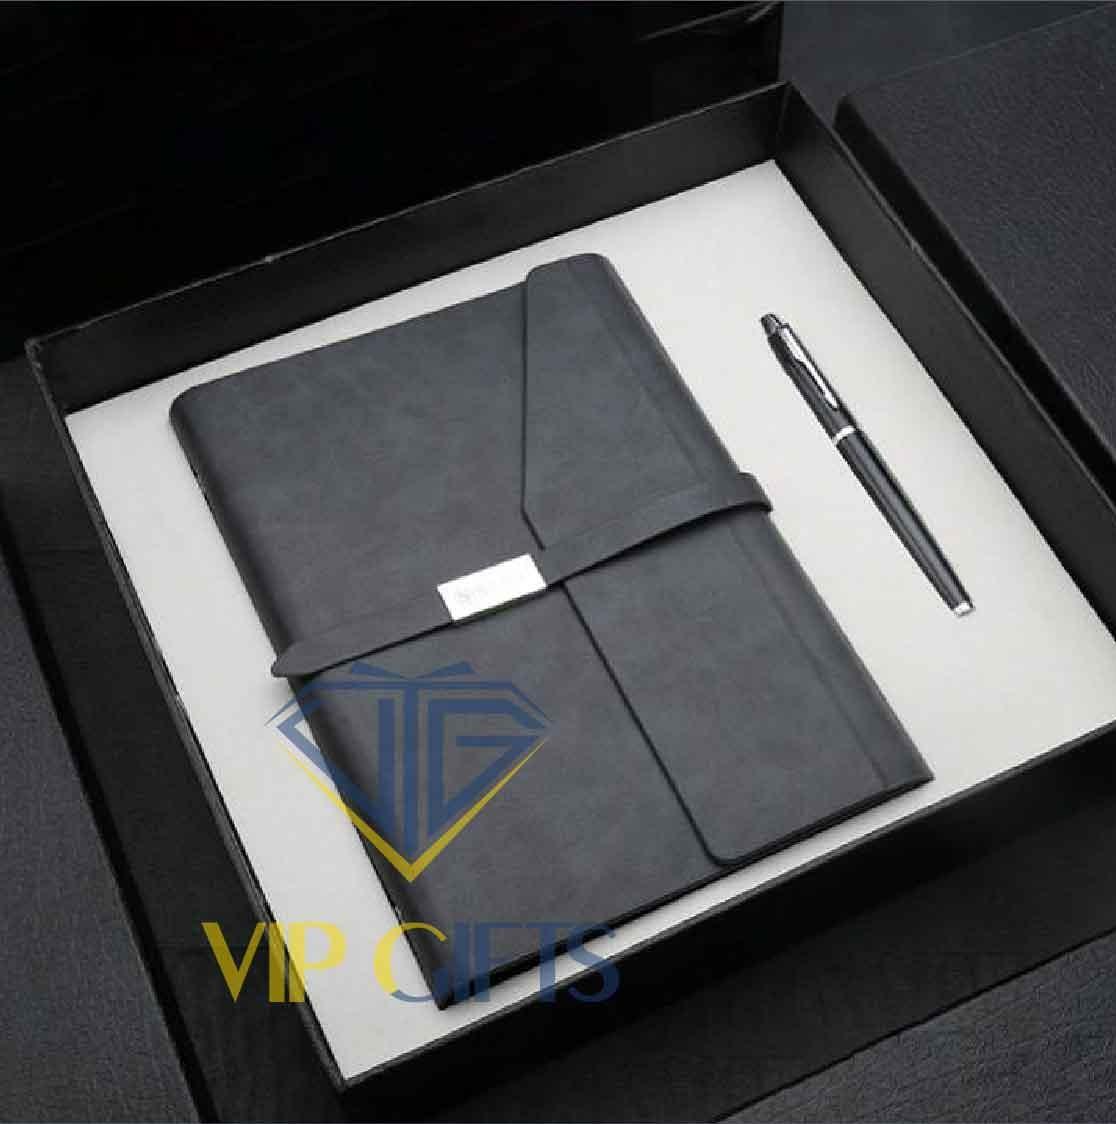 Bộ giftset Quà tặng VIP1 Sổ và bút 02